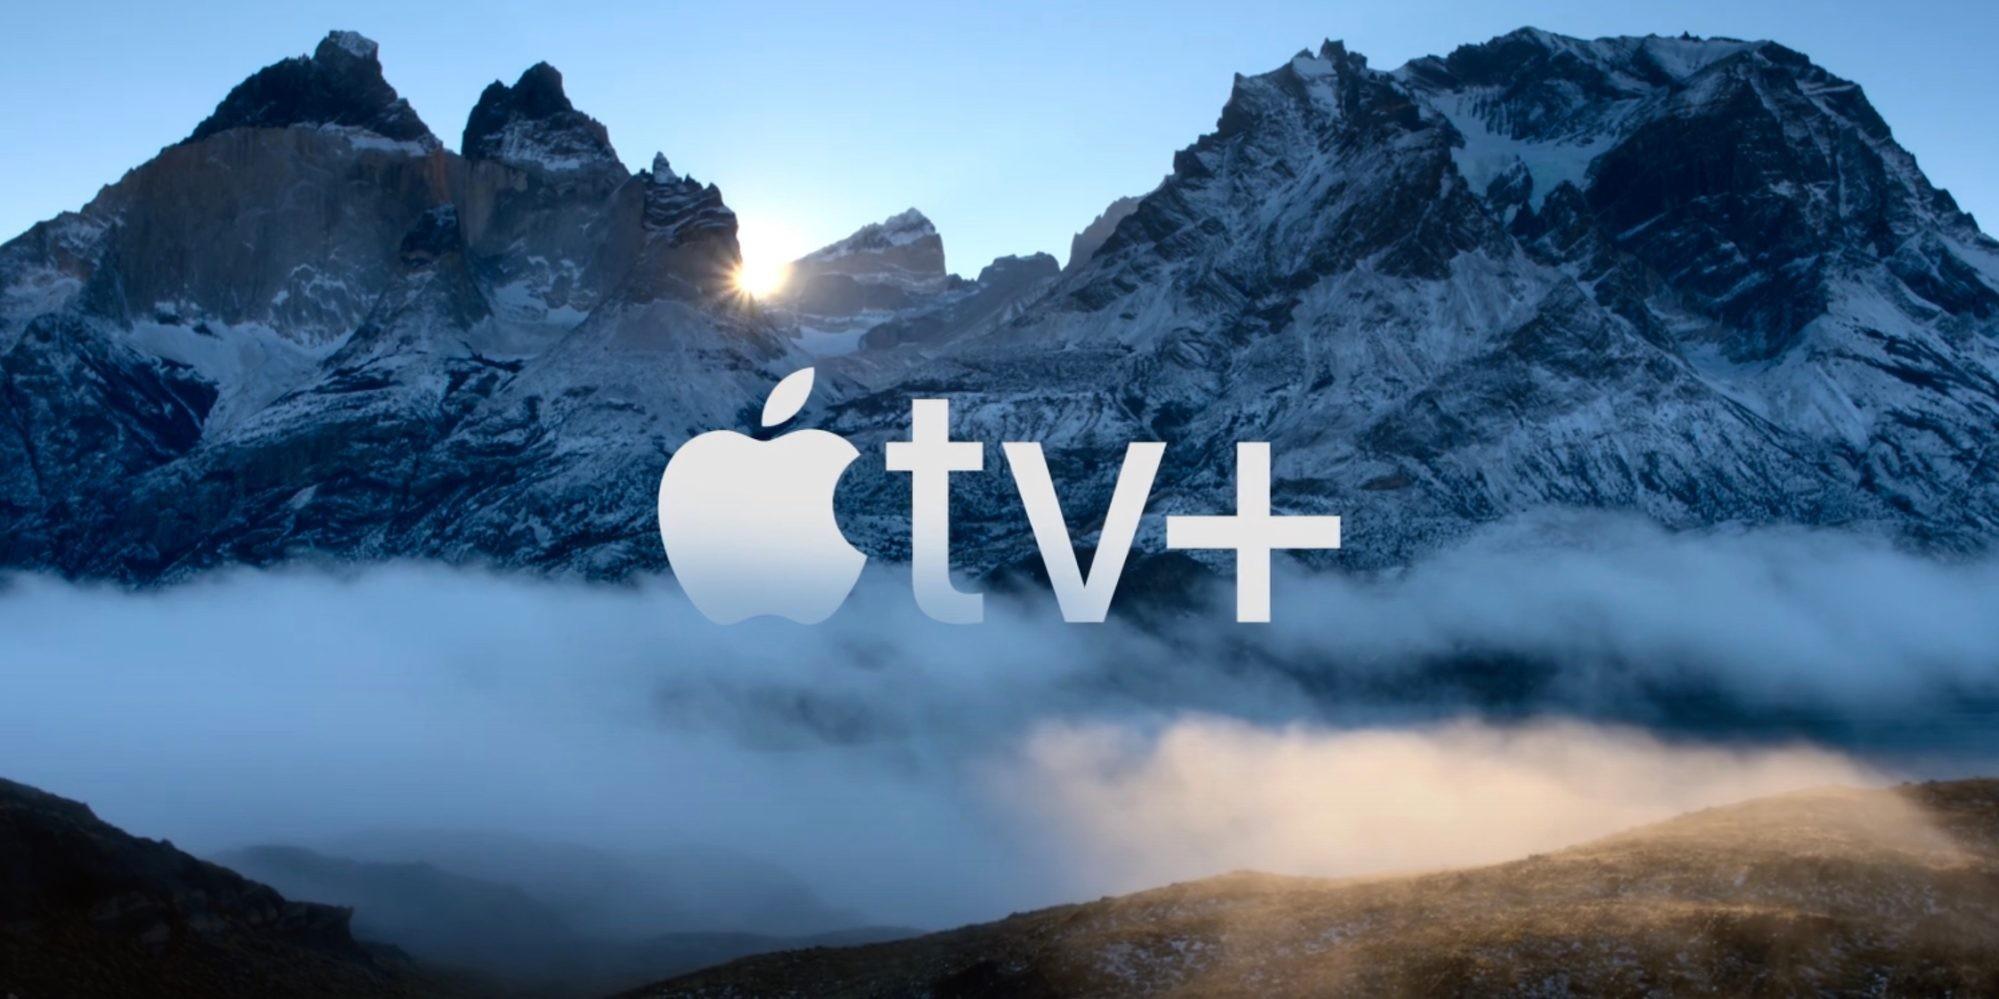 ▲Apple TV+。(圖/取自9to5mac)